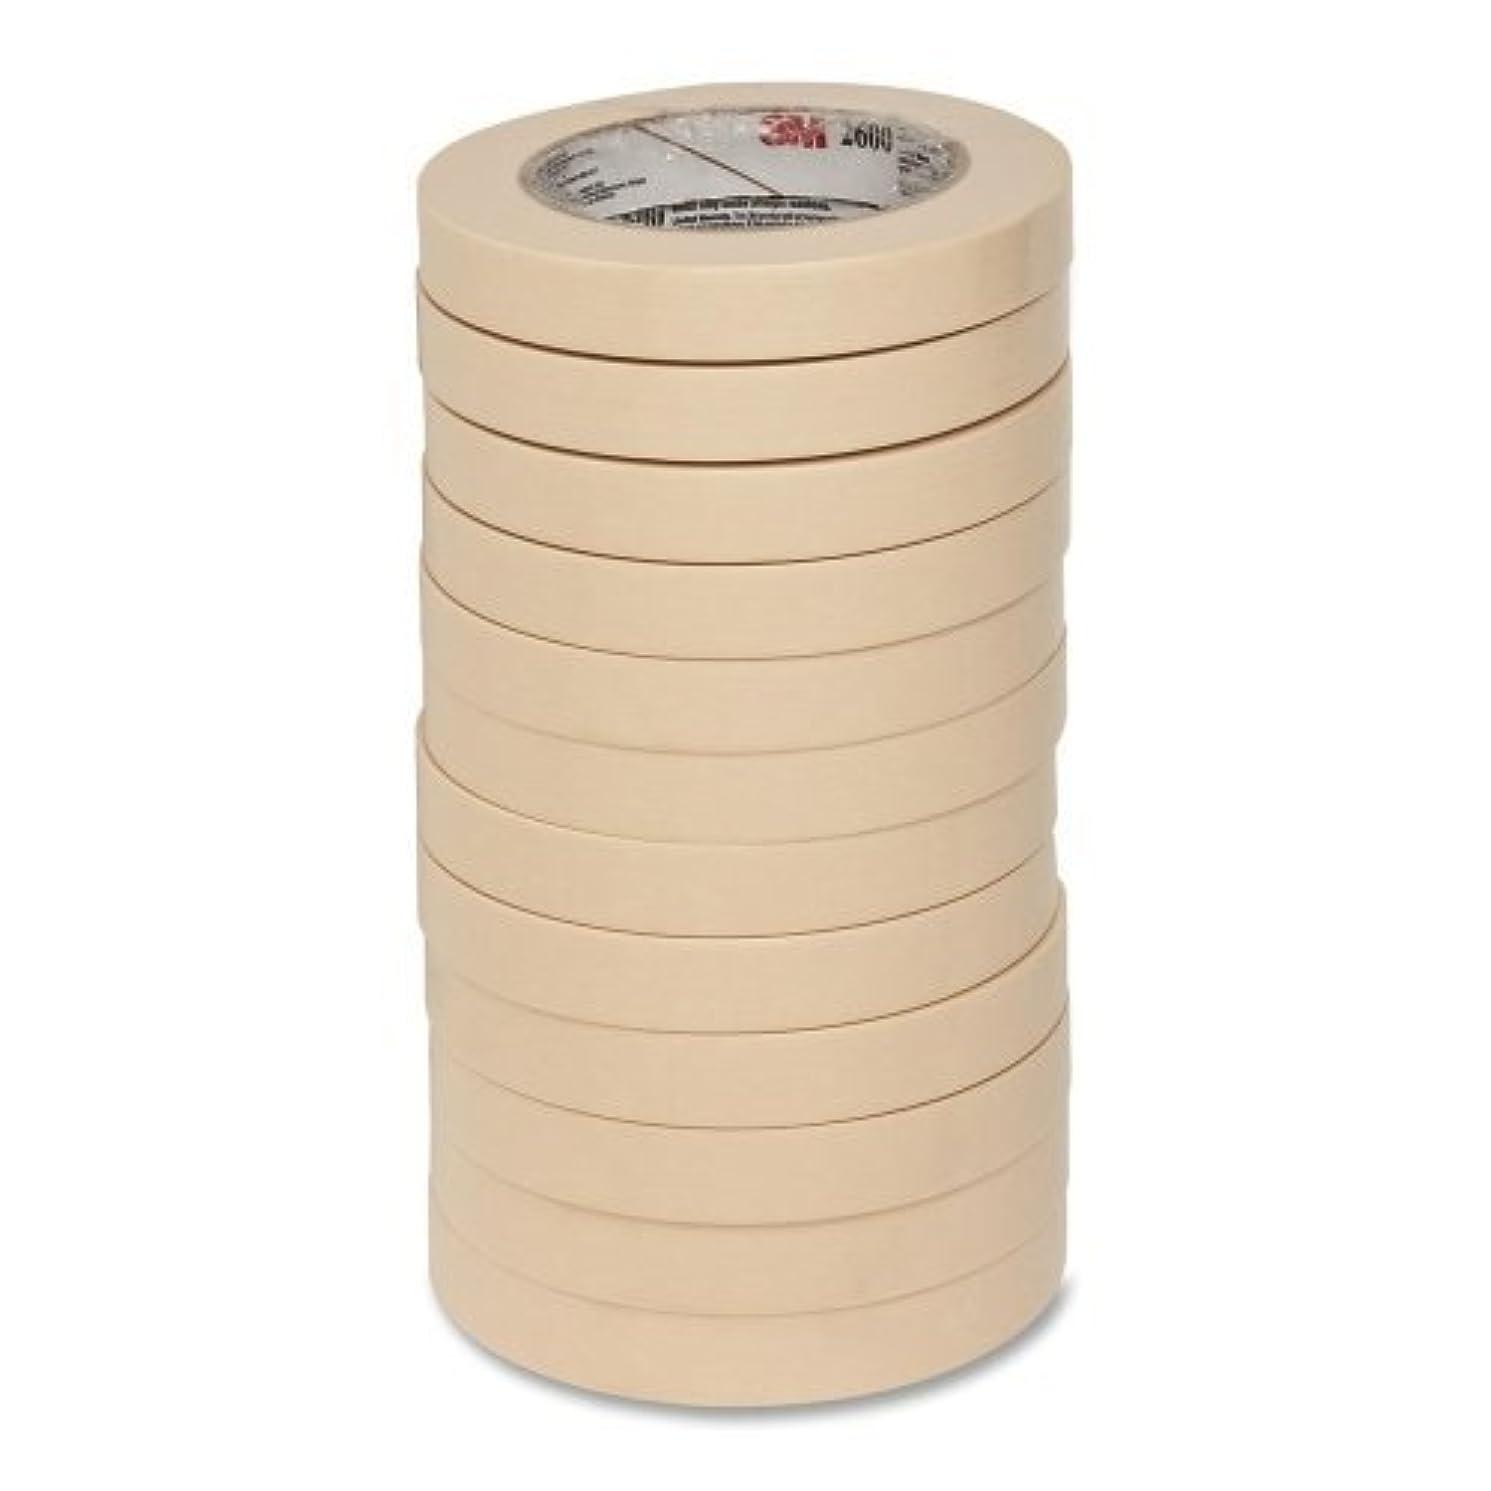 3M Highland Economy Masking Tape-Economy Masking Tape, 3